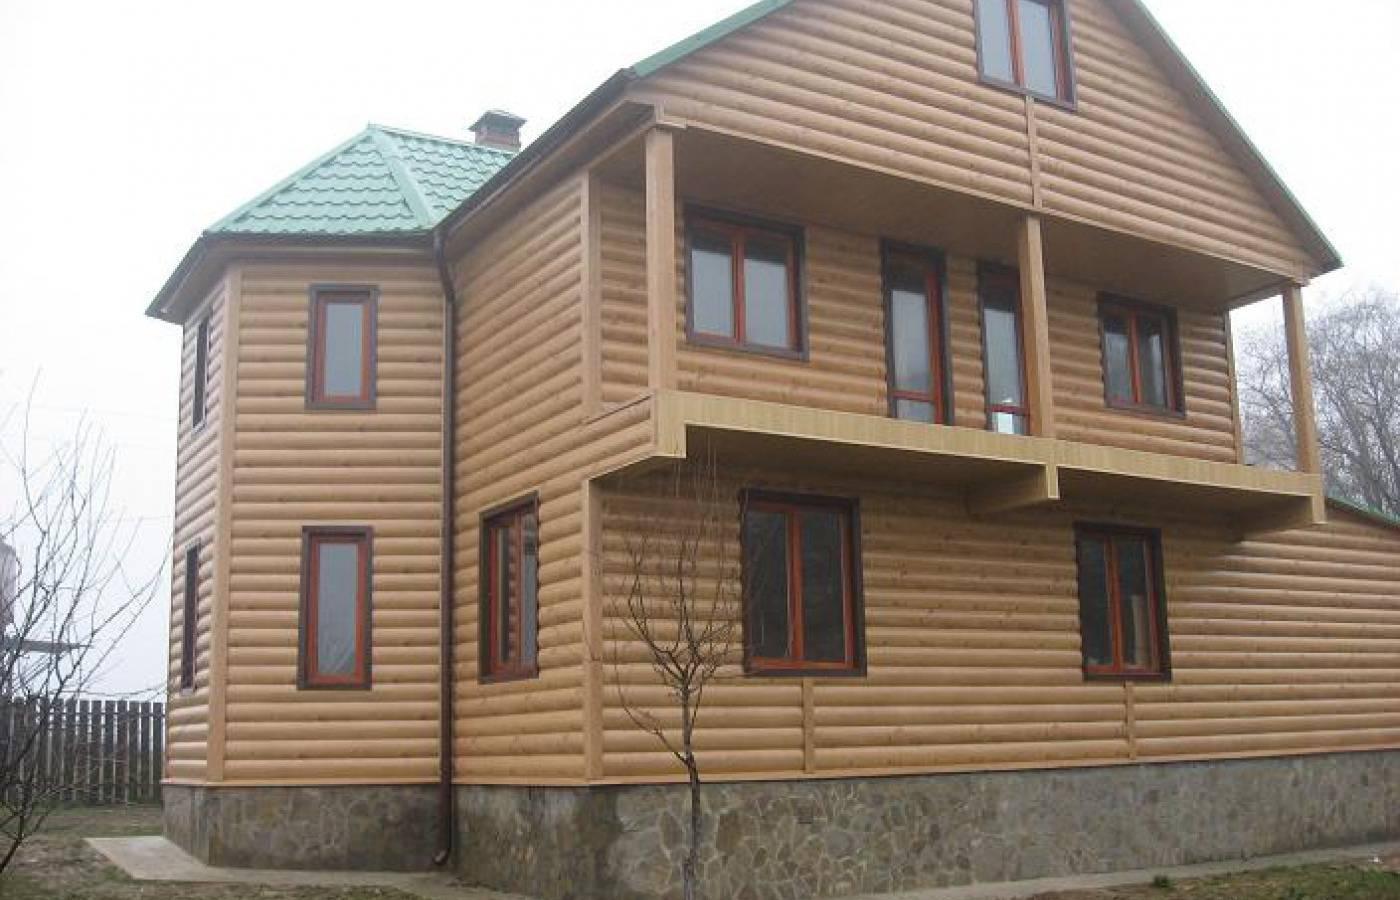 Блок хаус- фасад «под бревно». варианты отделки одноэтажных домов сайдингом блок хаус